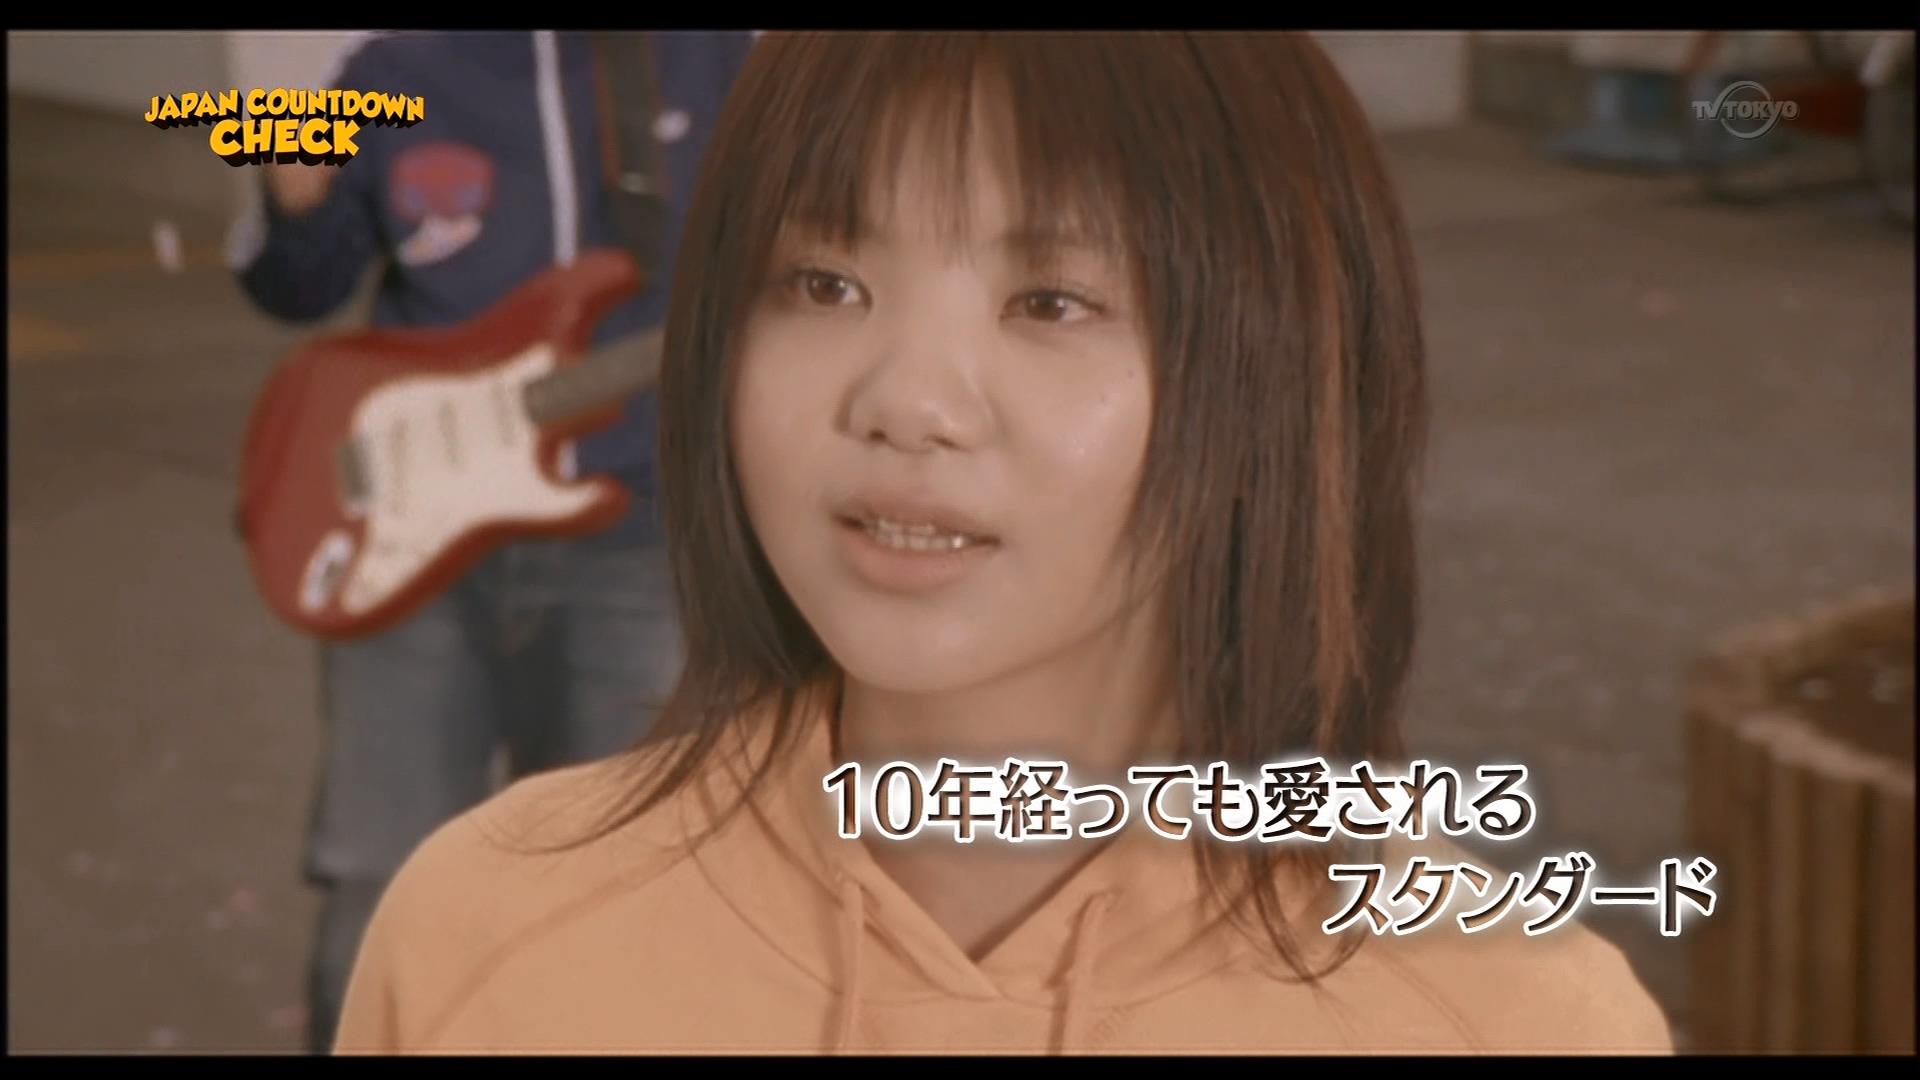 2016.03.20 いきものがかり - 10年たっても私たちはいきものがかりが大好き!日本のスタンダードであり続ける理由(JAPAN COUNTDOWN).ts_20160320_103746.038